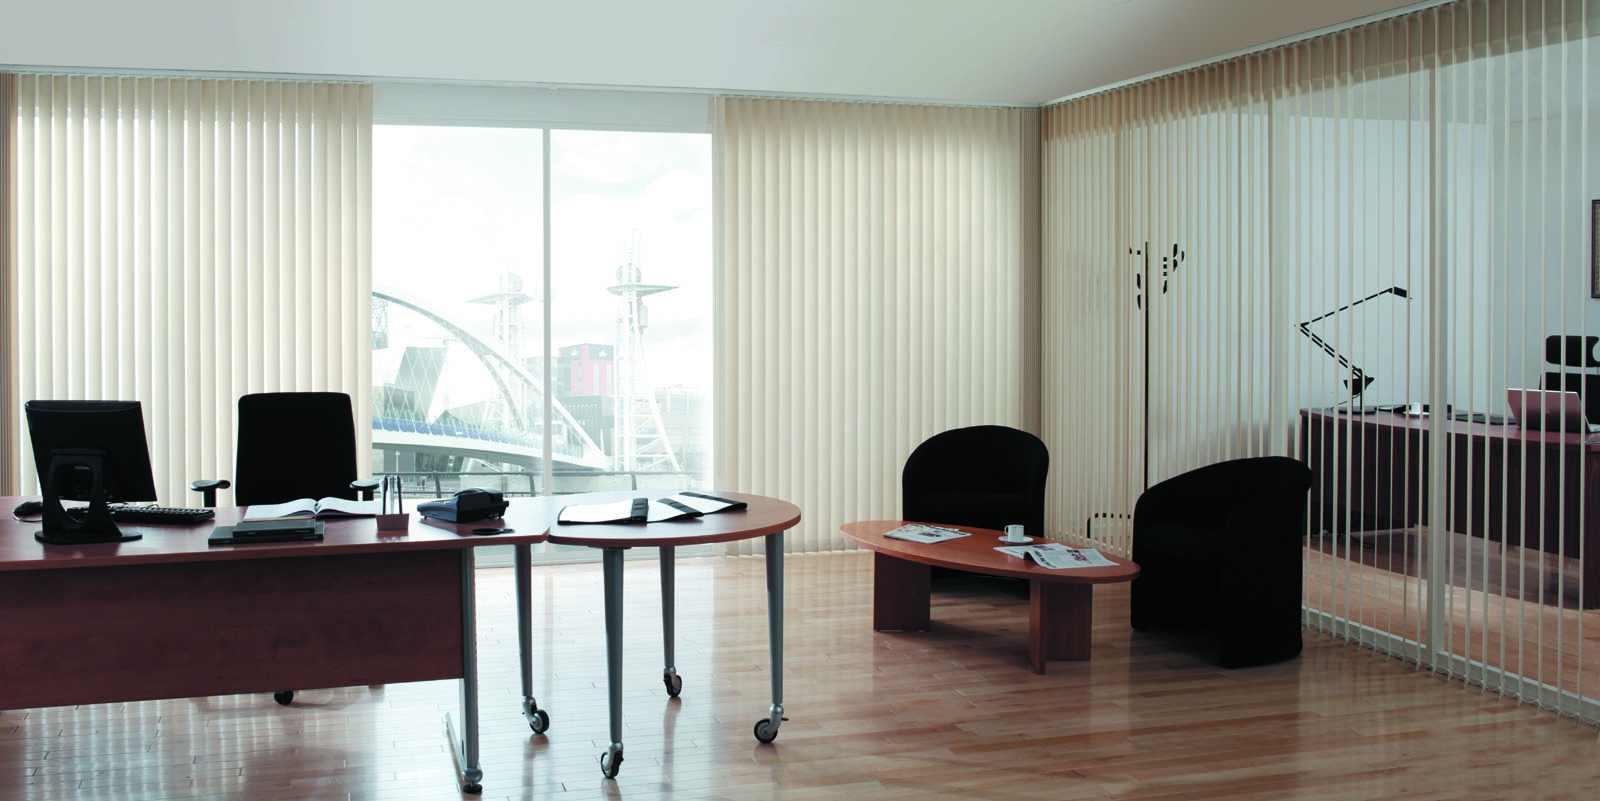 Những kiểu rèm cửa phòng công sở phổ biến hiện nay